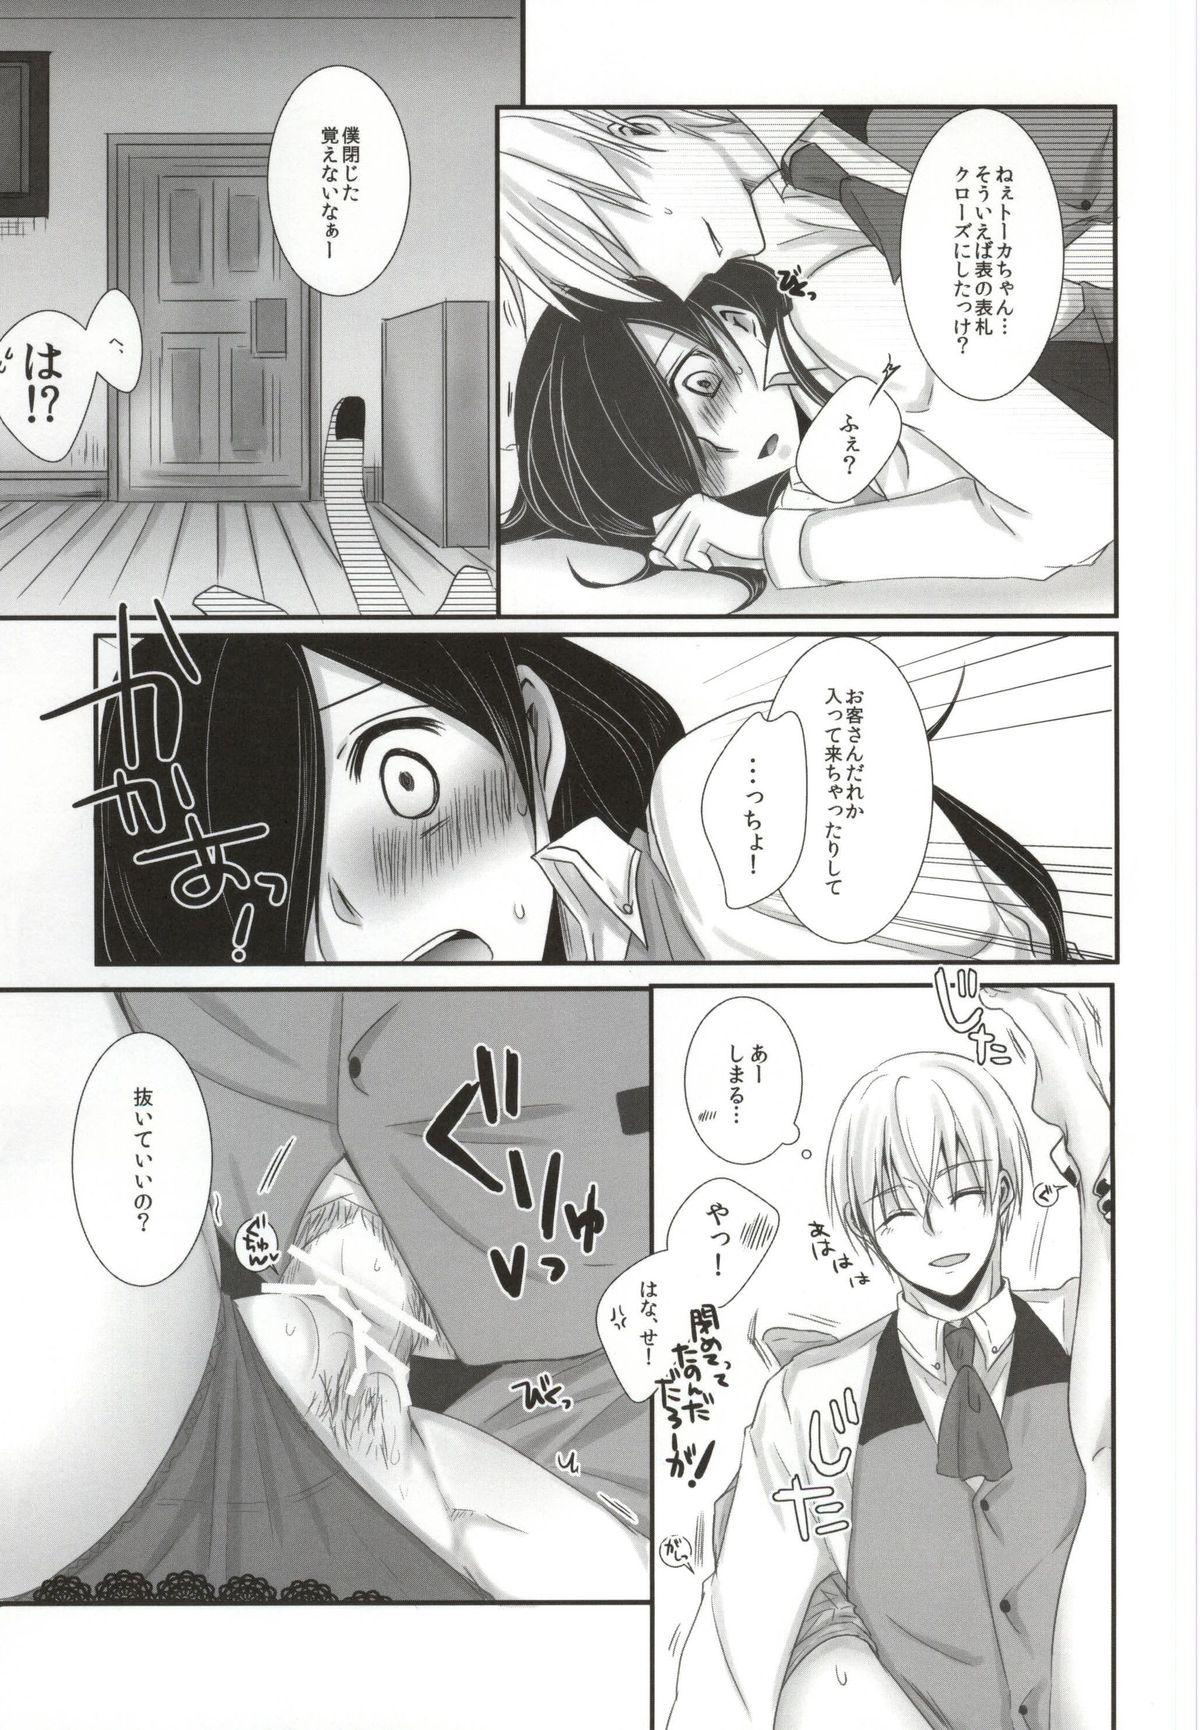 Honjitsu wa Heiten Itashimashita 22